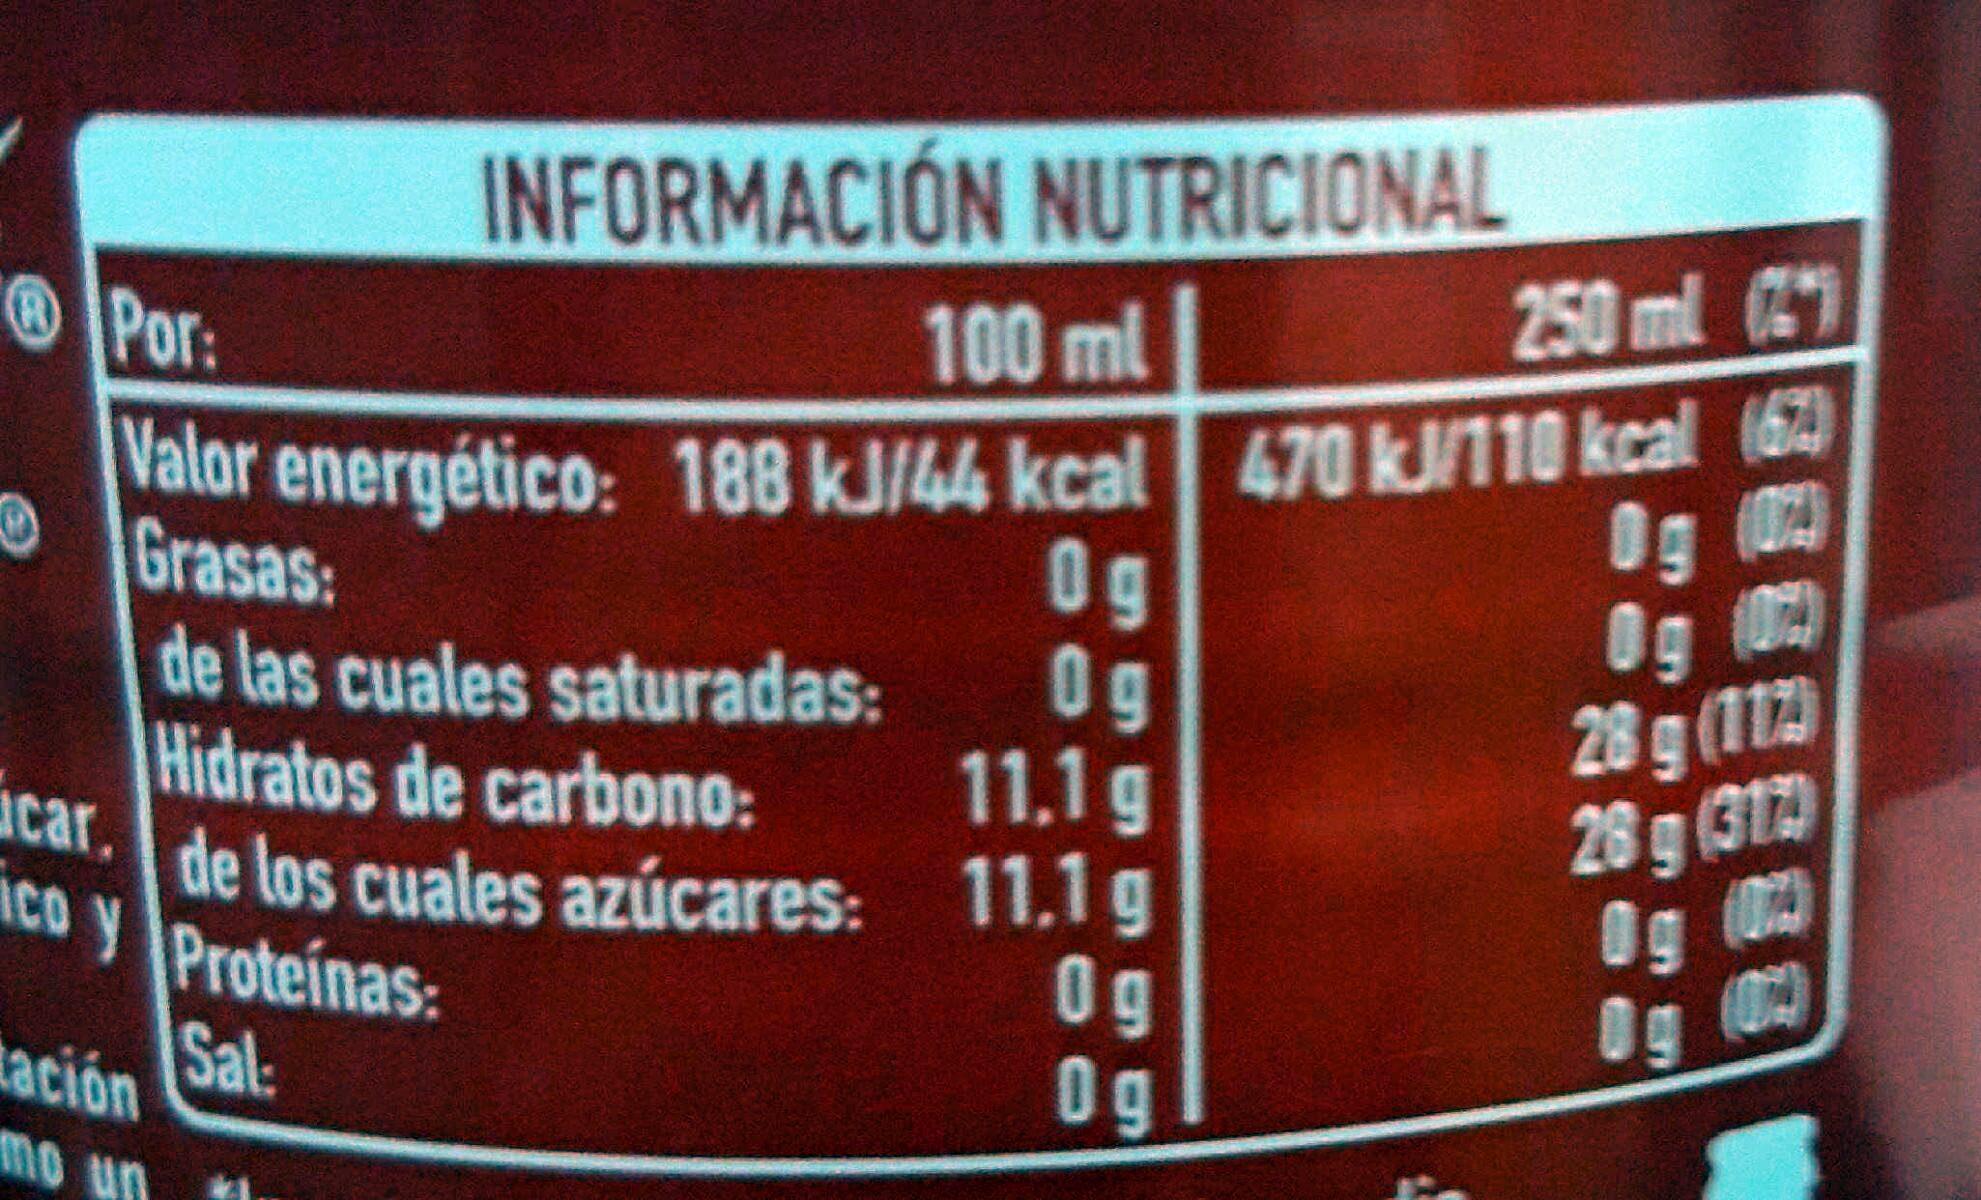 Coca-Cola sin cafeína - Informació nutricional - es